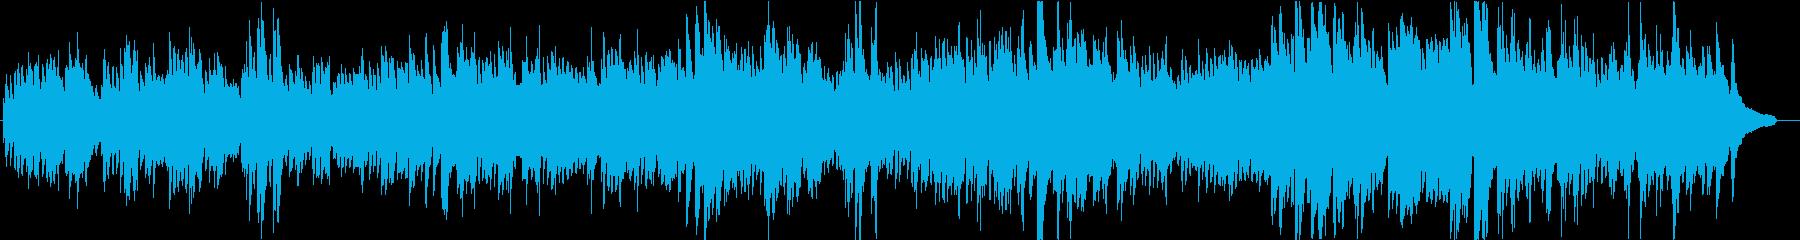 ラグタイム。ソロピアノ。サイレント...の再生済みの波形